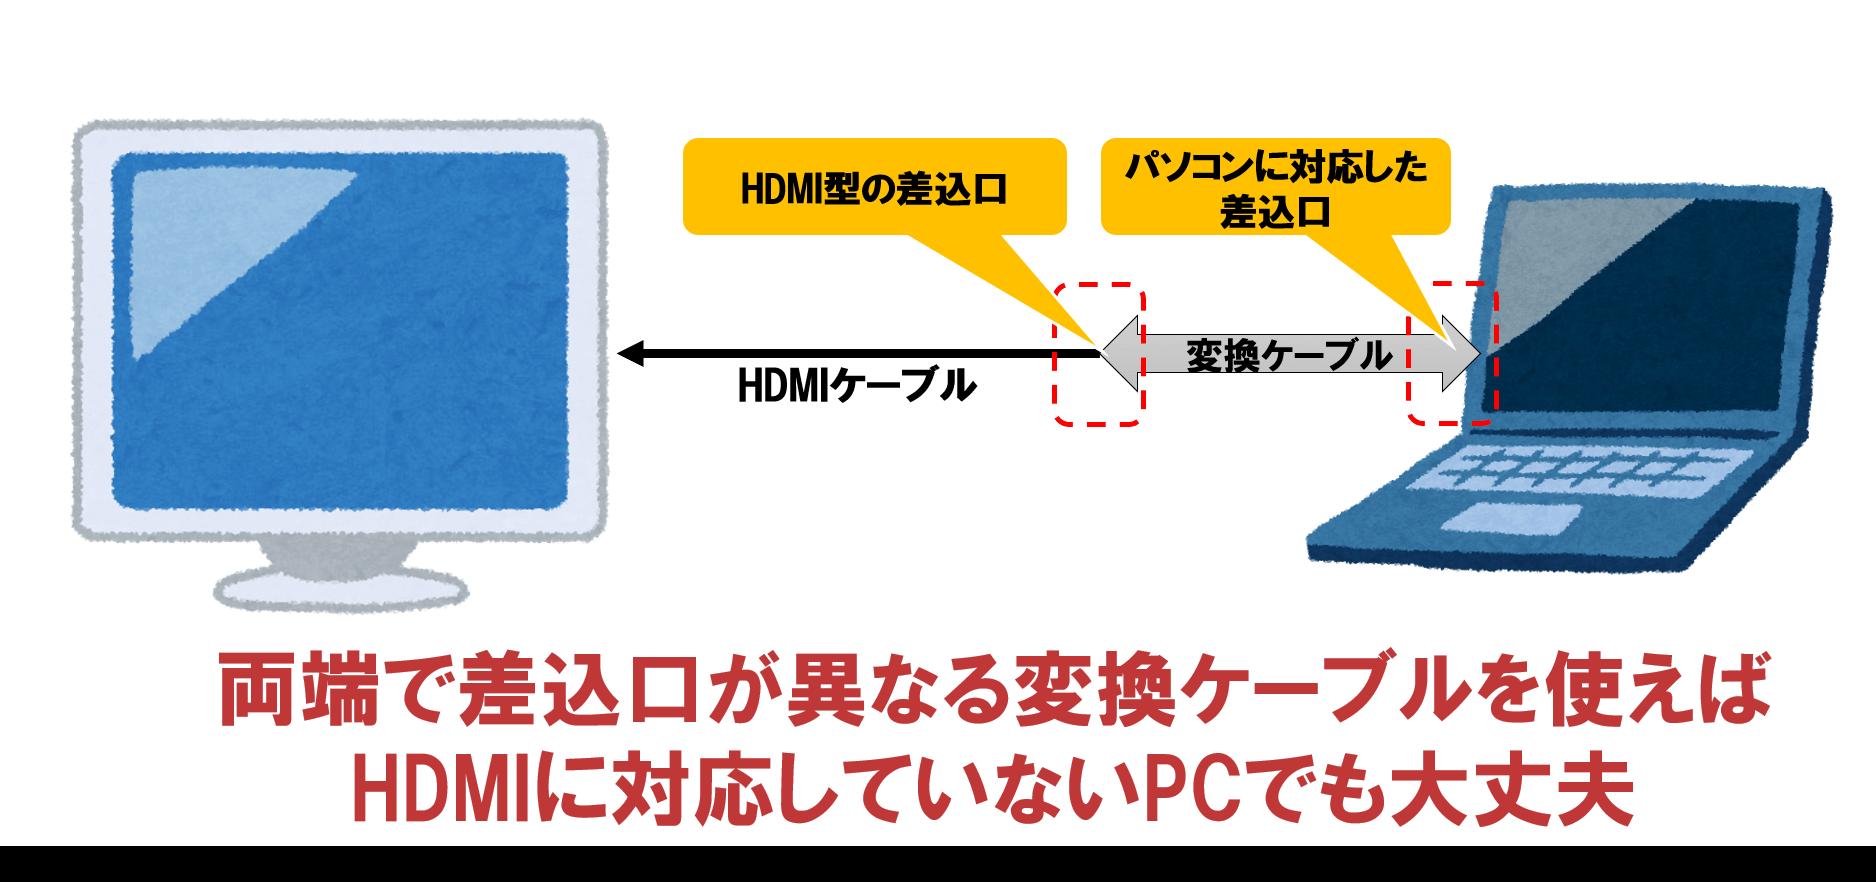 HDMIが無い場合は変換ケーブルを利用